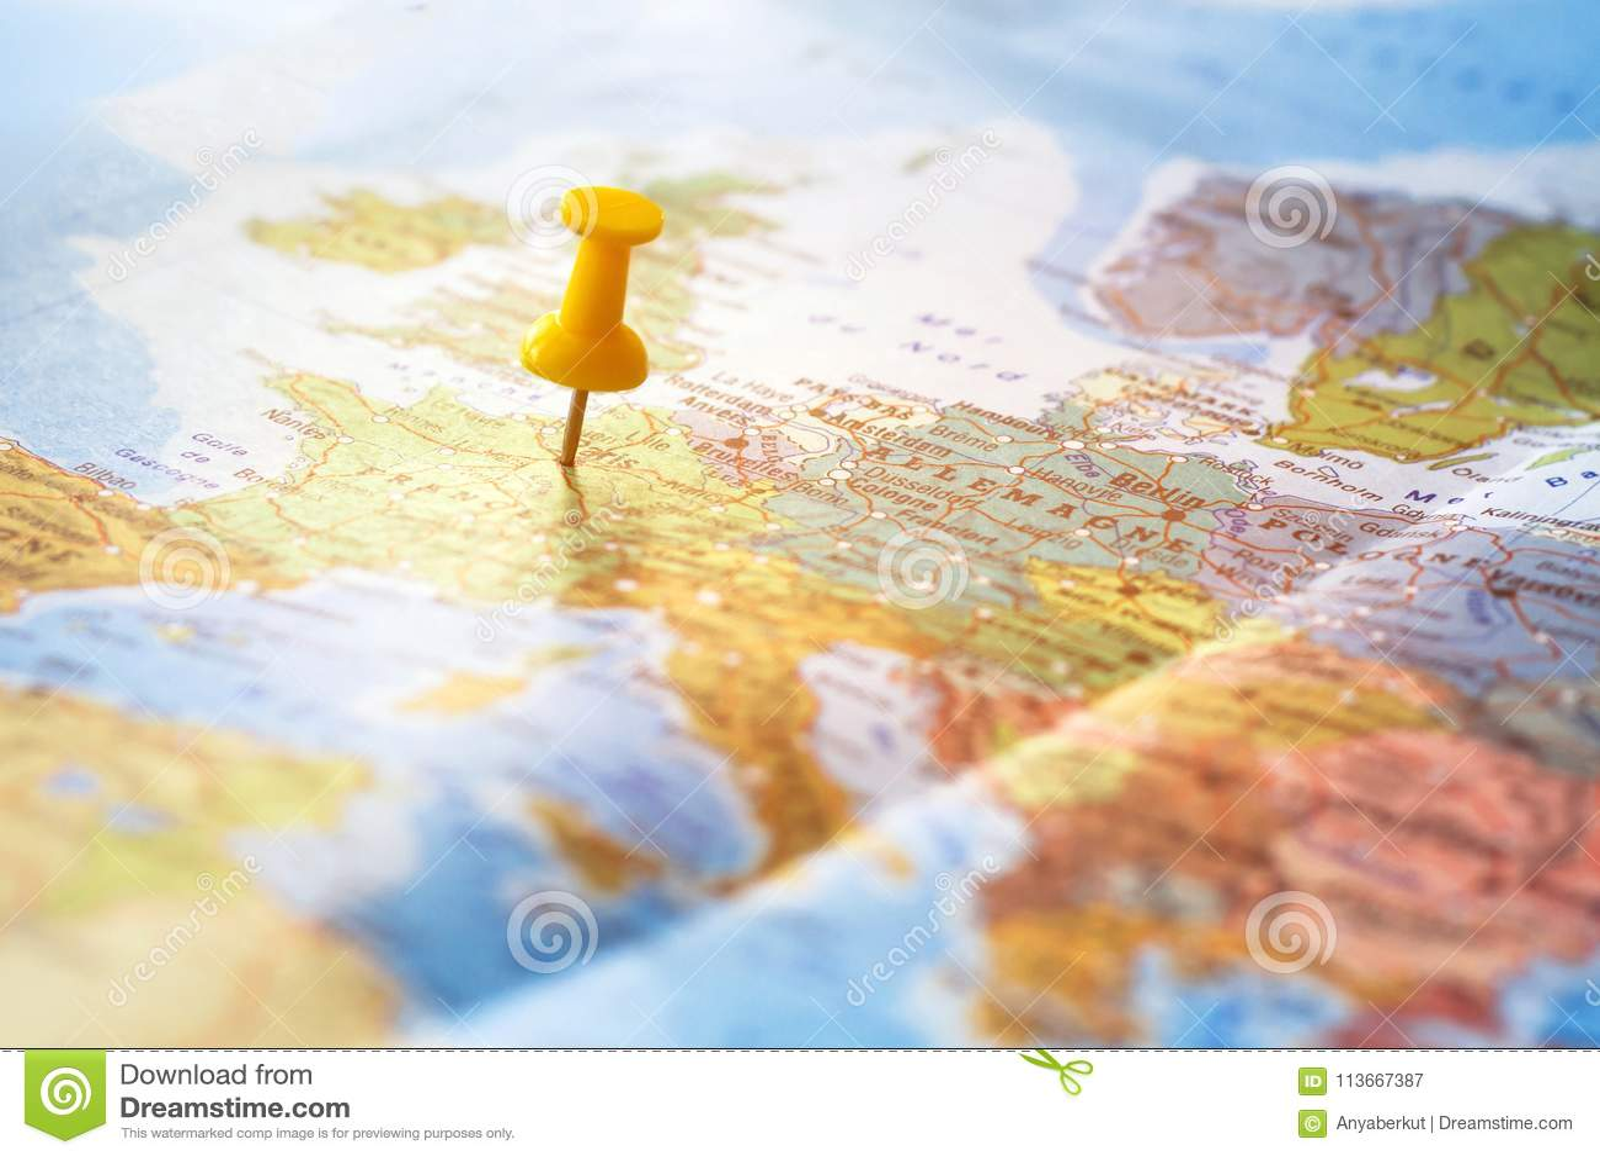 Υπόβαθρο ταξιδιού, προορισμός στον παγκόσμιο χάρτη